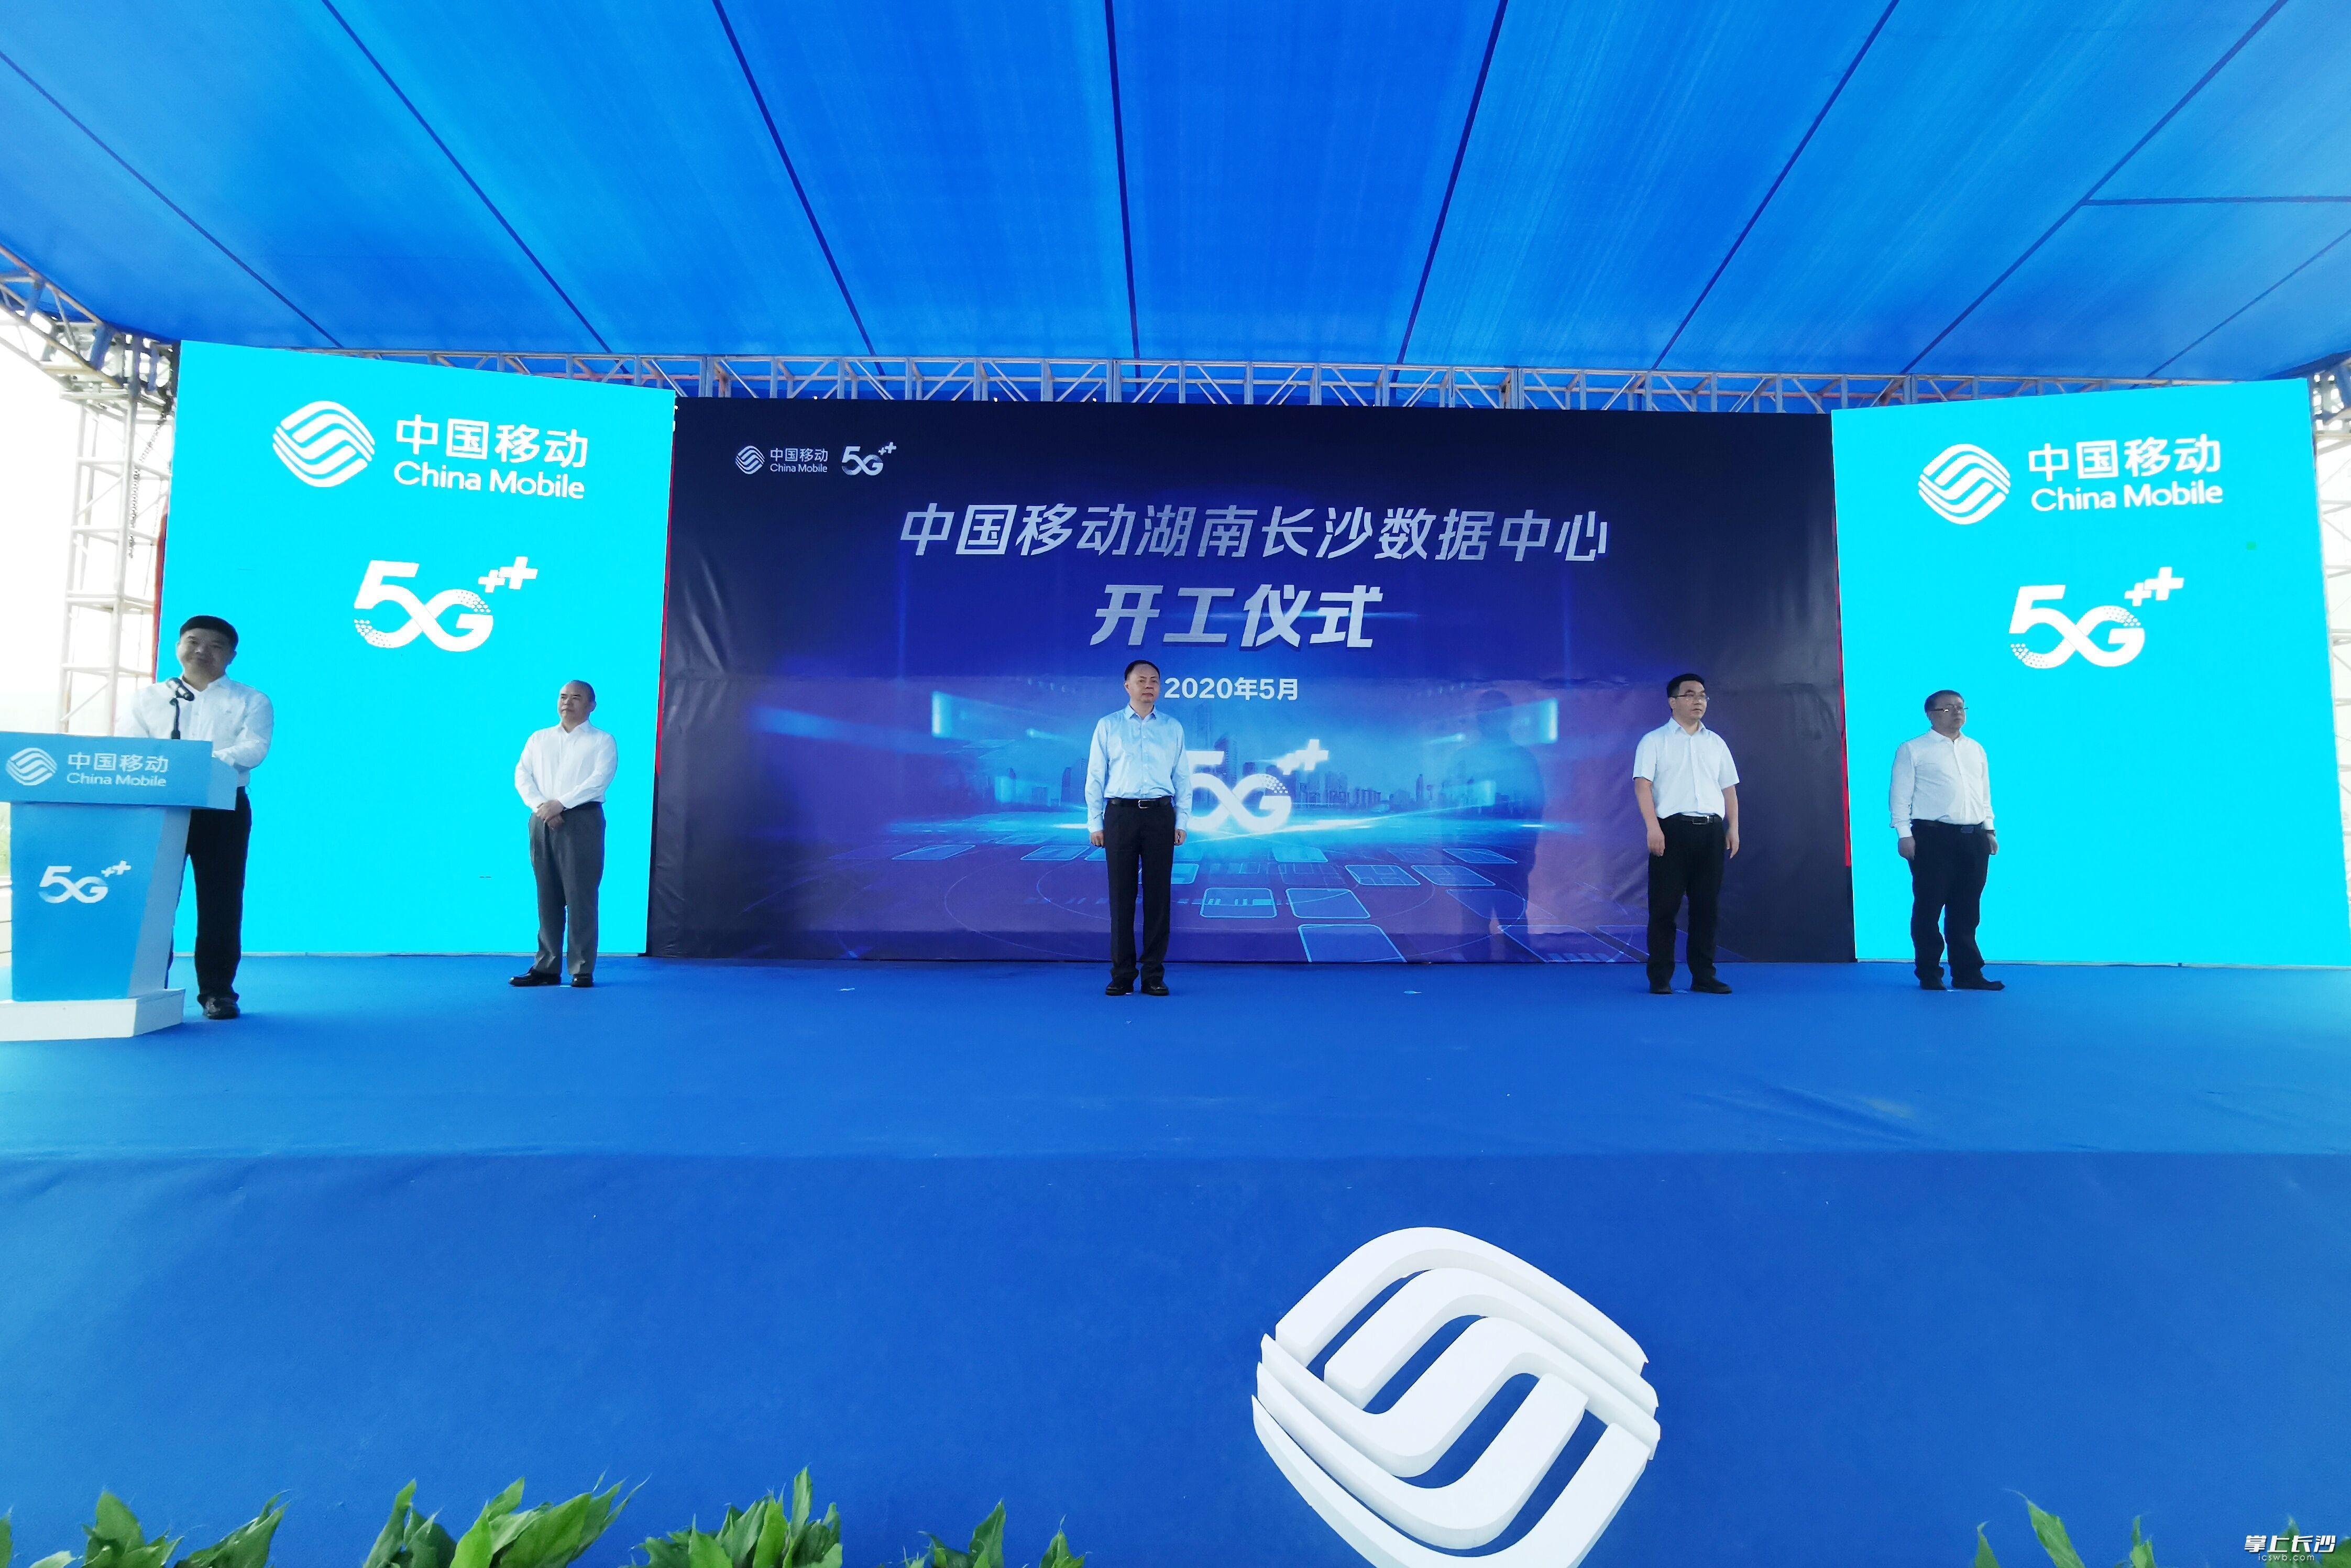 中国移动湖南长沙数据中心开工仪式现场。柳佳路摄